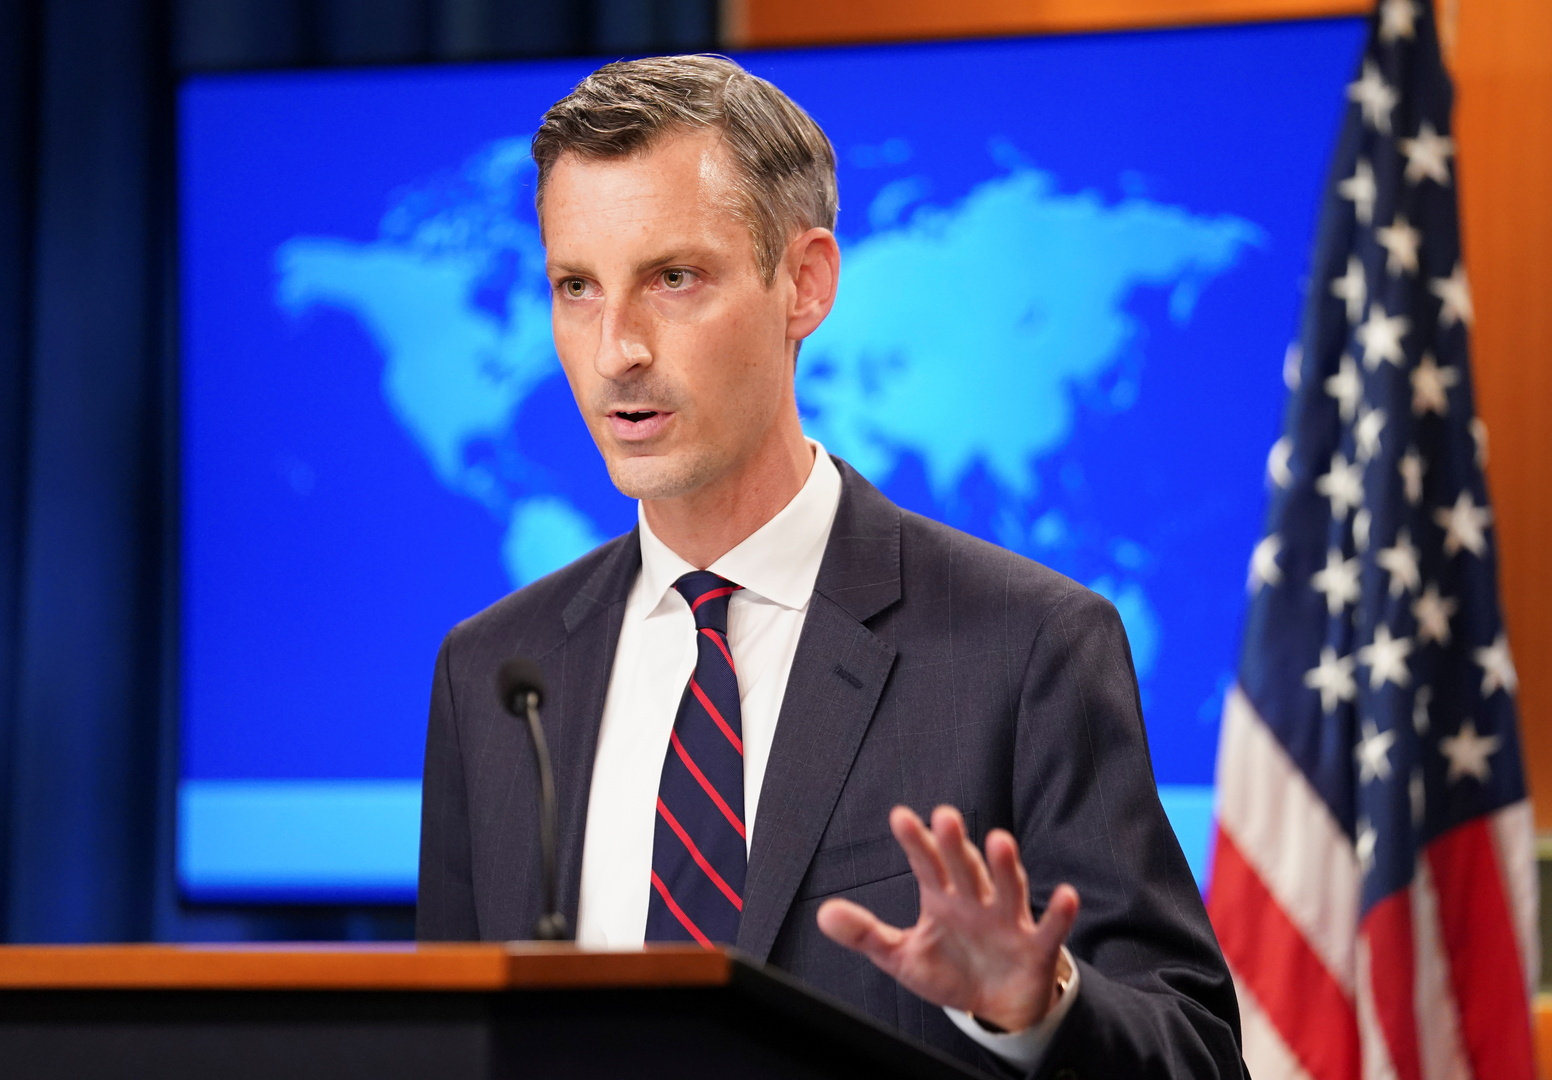 إصابة متحدث الخارجية الأمريكية بكورونا ونجاة الوزير بلينكن